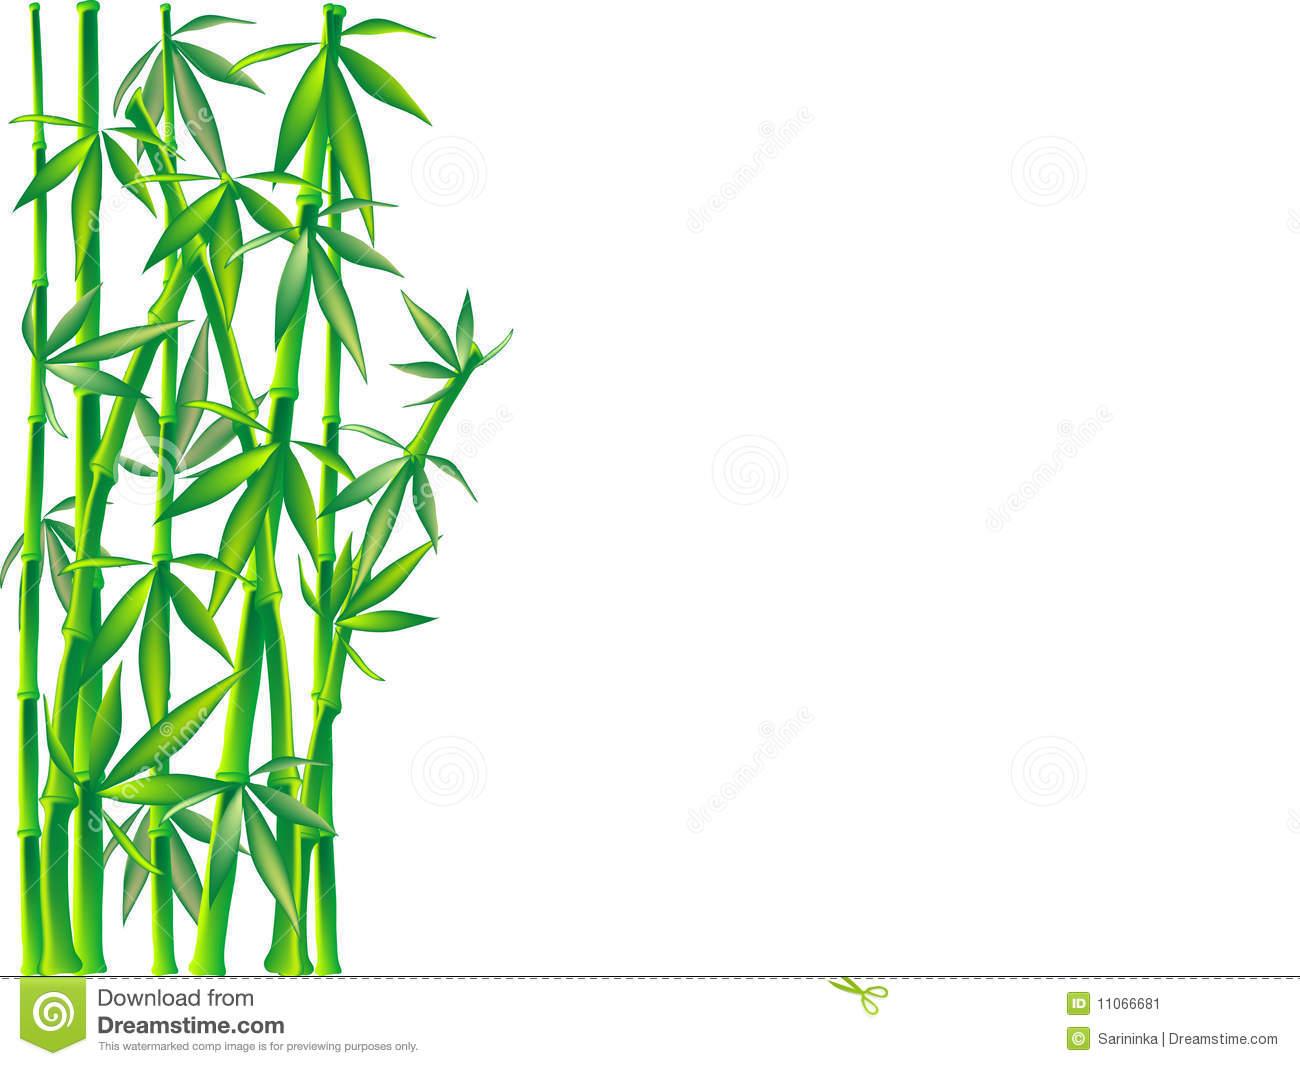 Bamboo Art Design : Free bamboo clip art border clipart best